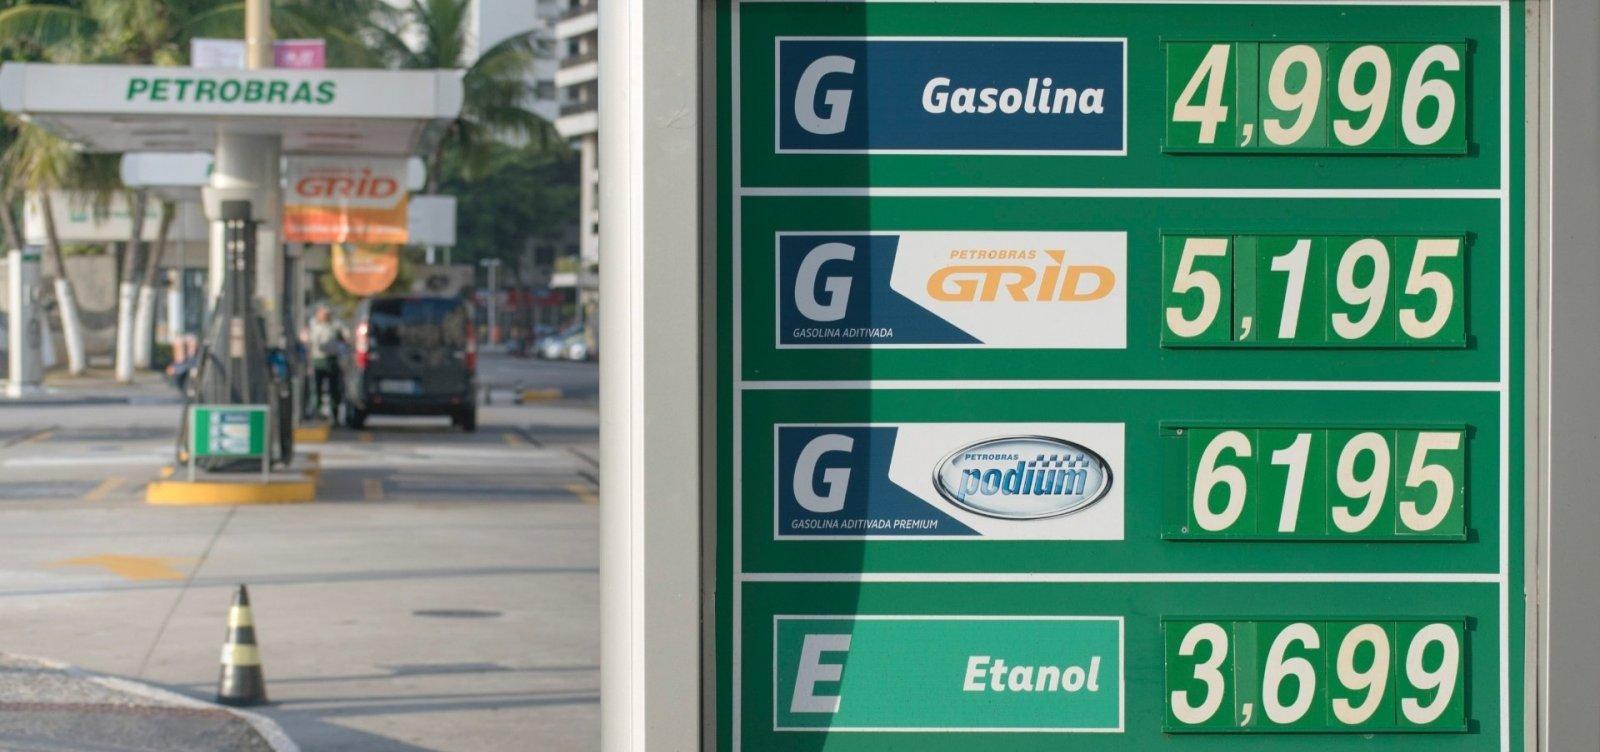 Petrobras anuncia redução de 2% no preço da gasolina nas refinarias